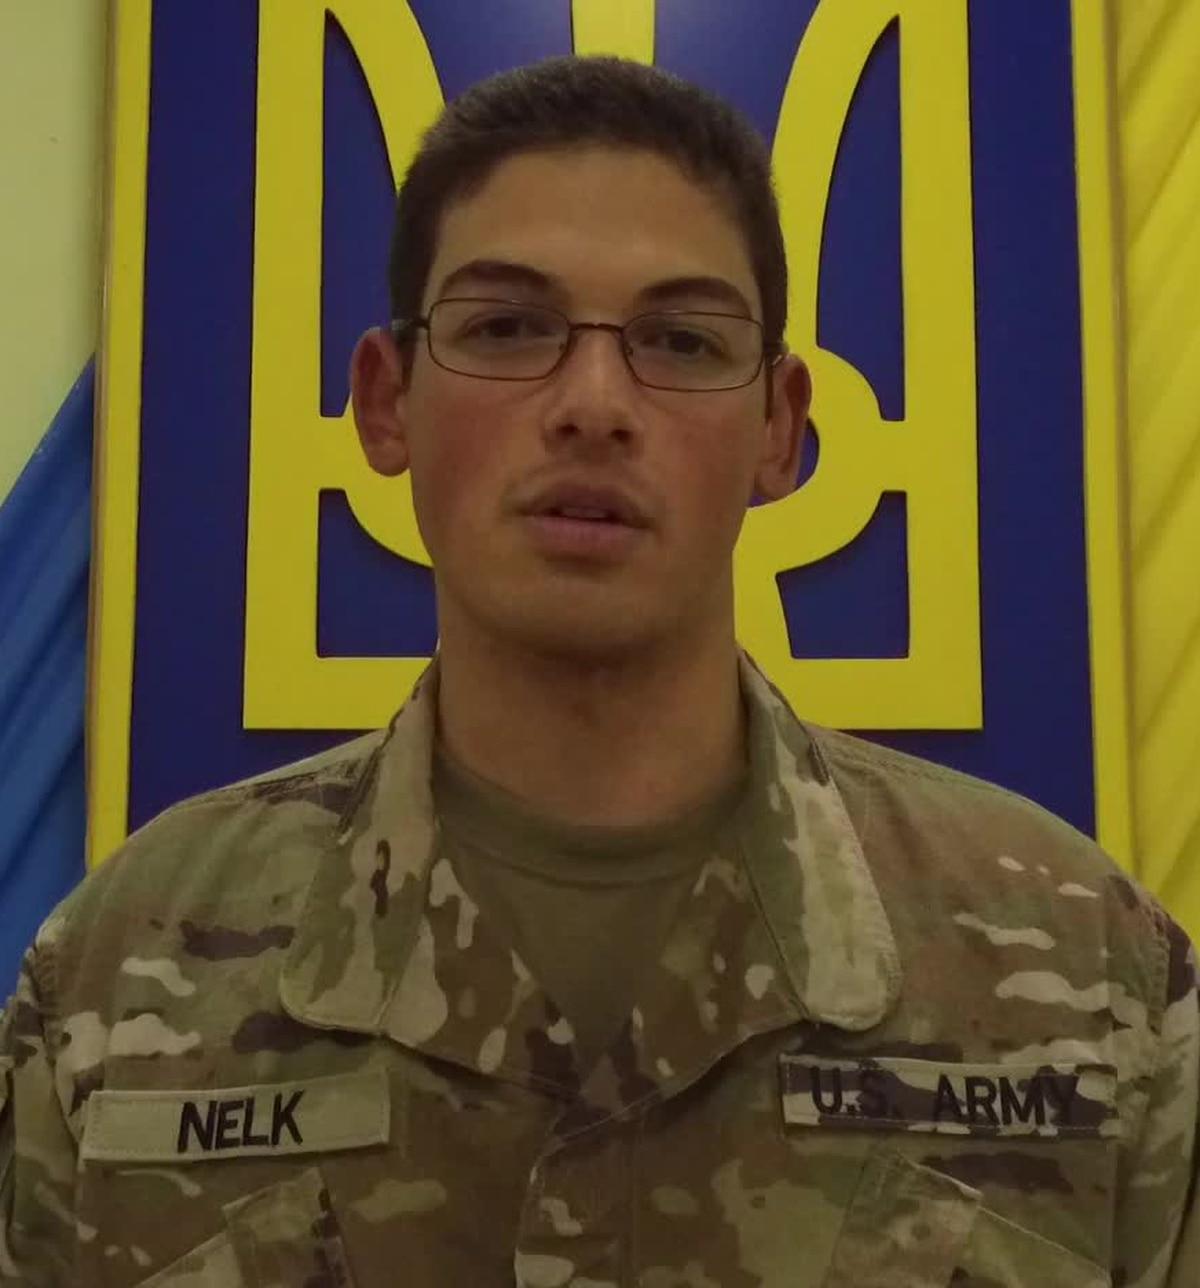 New York National Guard soldier dies in Ukraine